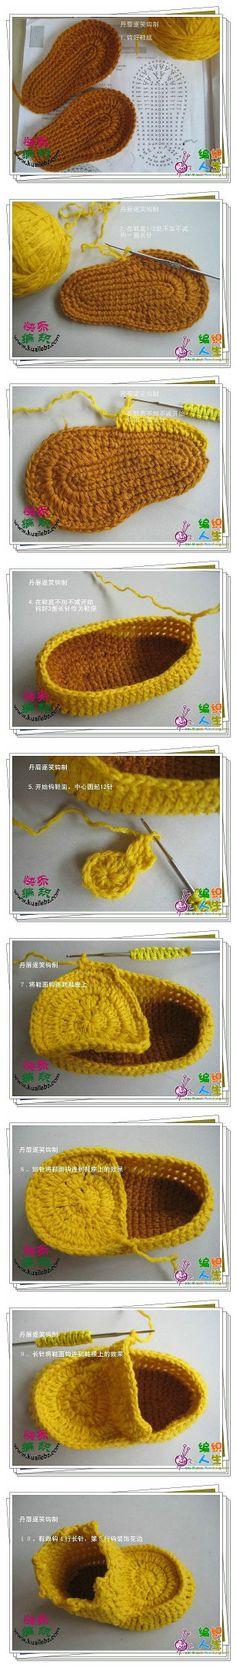 Adorable crochet booties tutorial